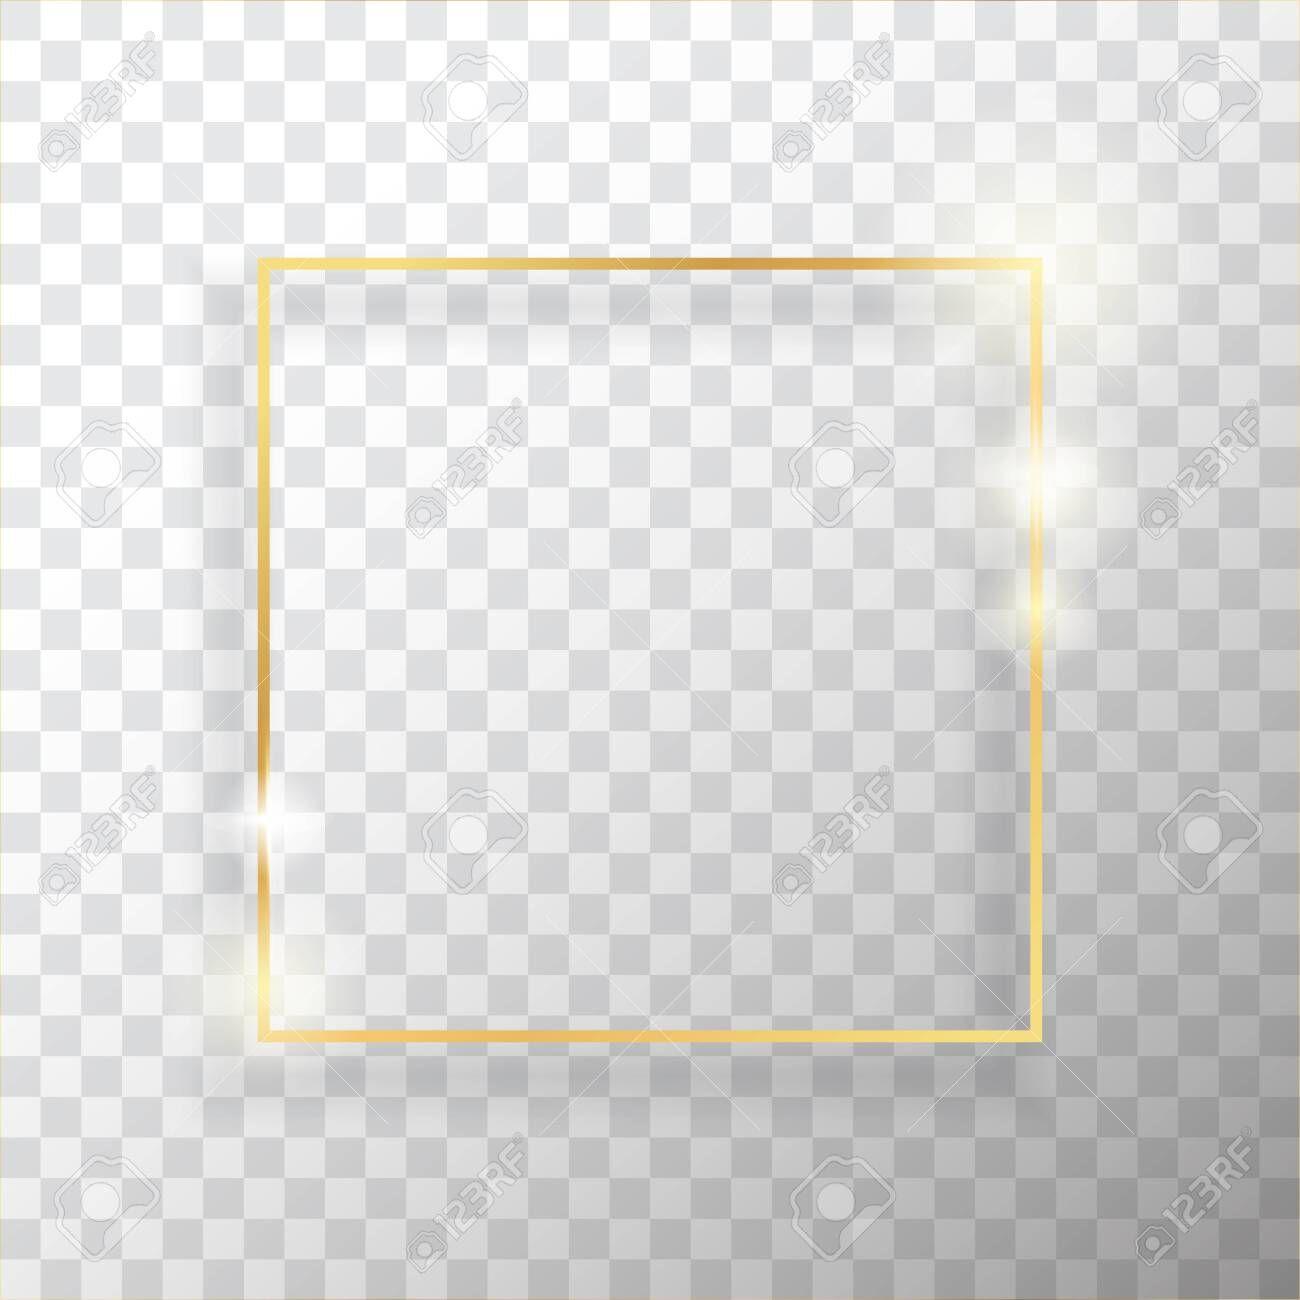 Gold Square Vintage Frame With Shadow On Transparent Background Golden Luxury Rectangular Border Realistic Vector Illustra Shadow Frame Frame Vintage Frames